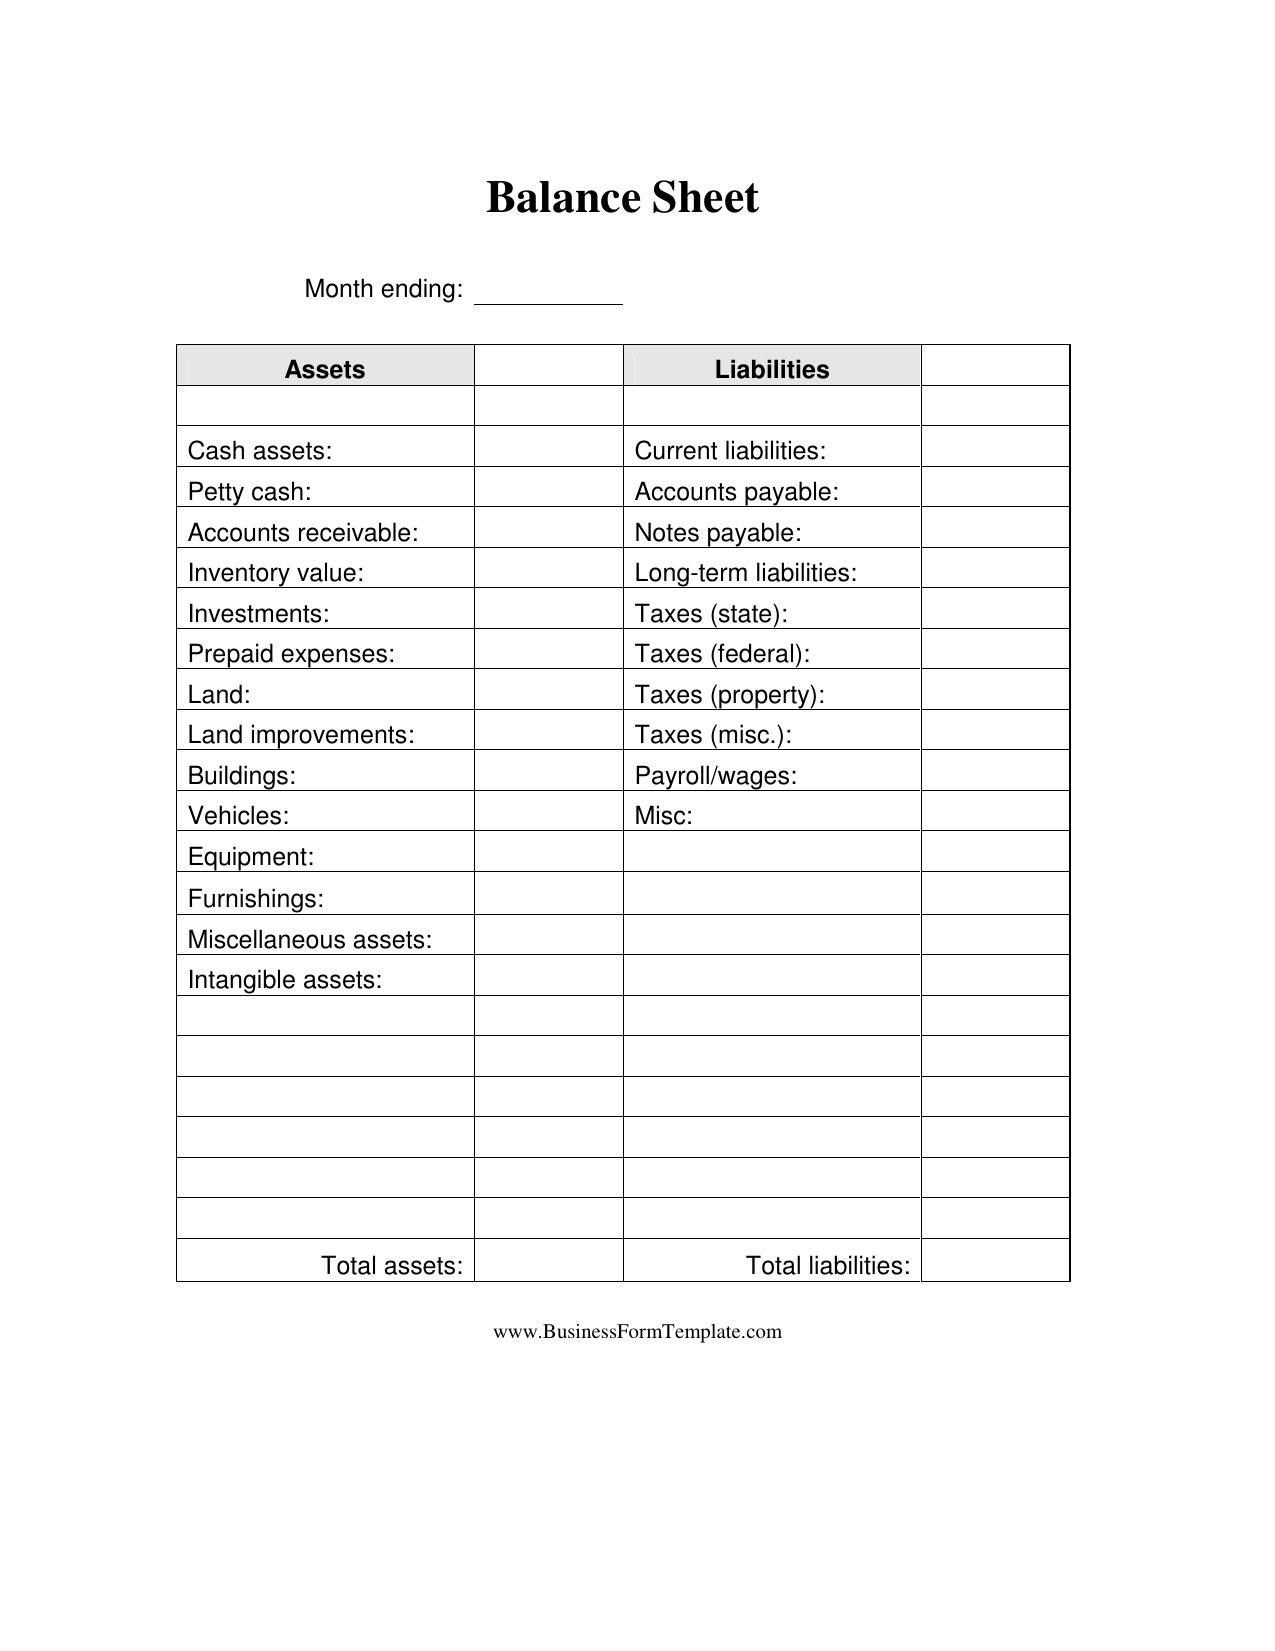 Download Business Balance Sheet Template